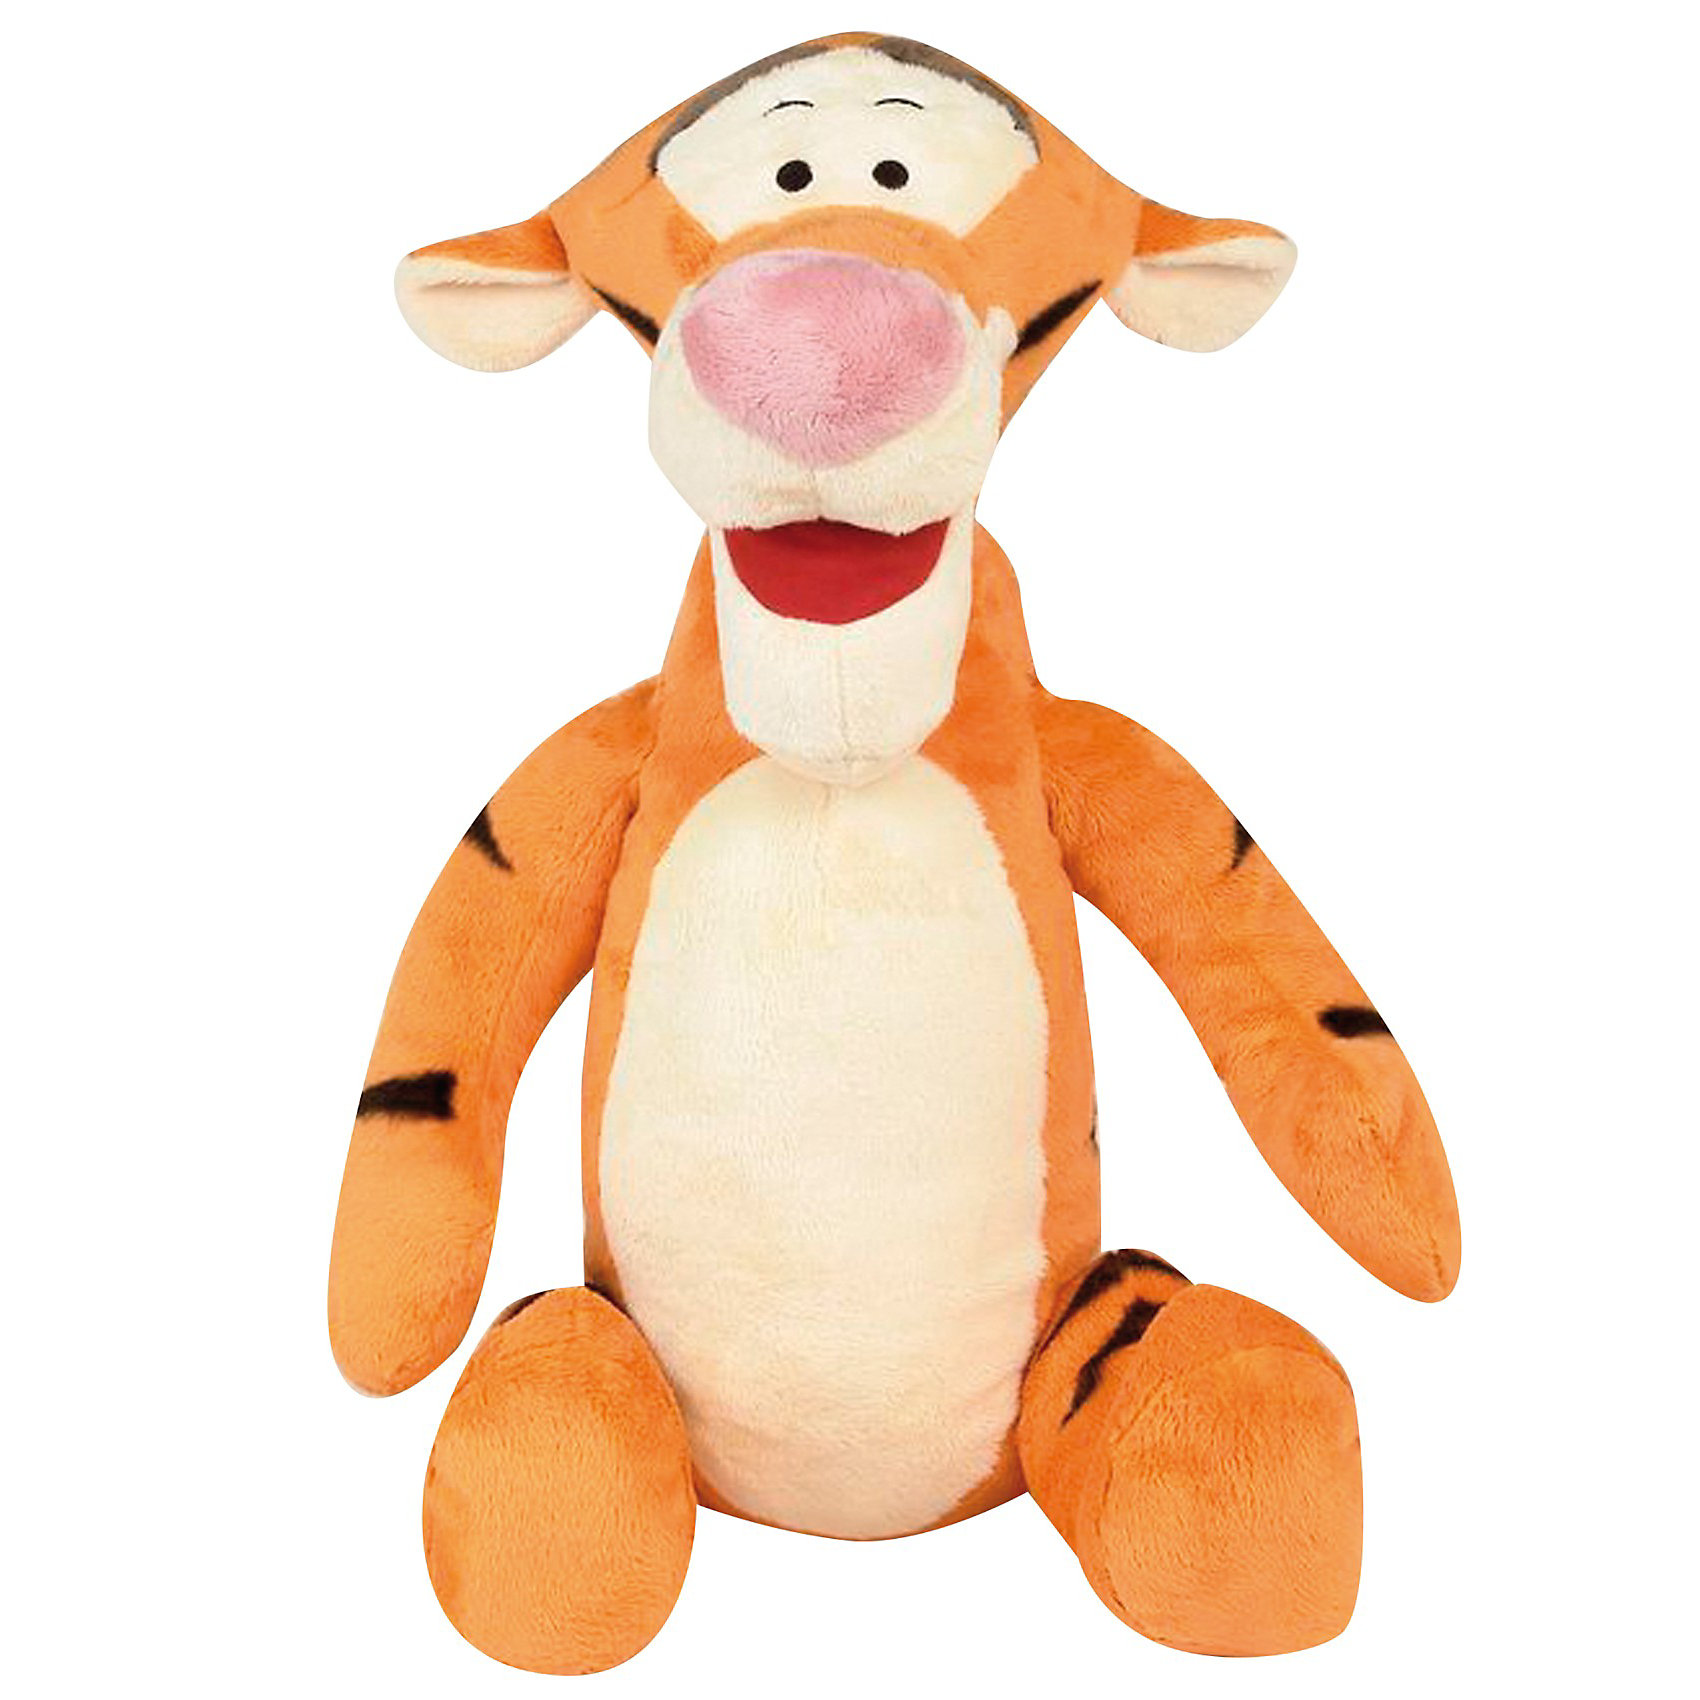 Disney Мягкая игрушка Тигруля, 35 см, Винни Пух окт кресло в ваннуокт disney винни пух нескольз желтый